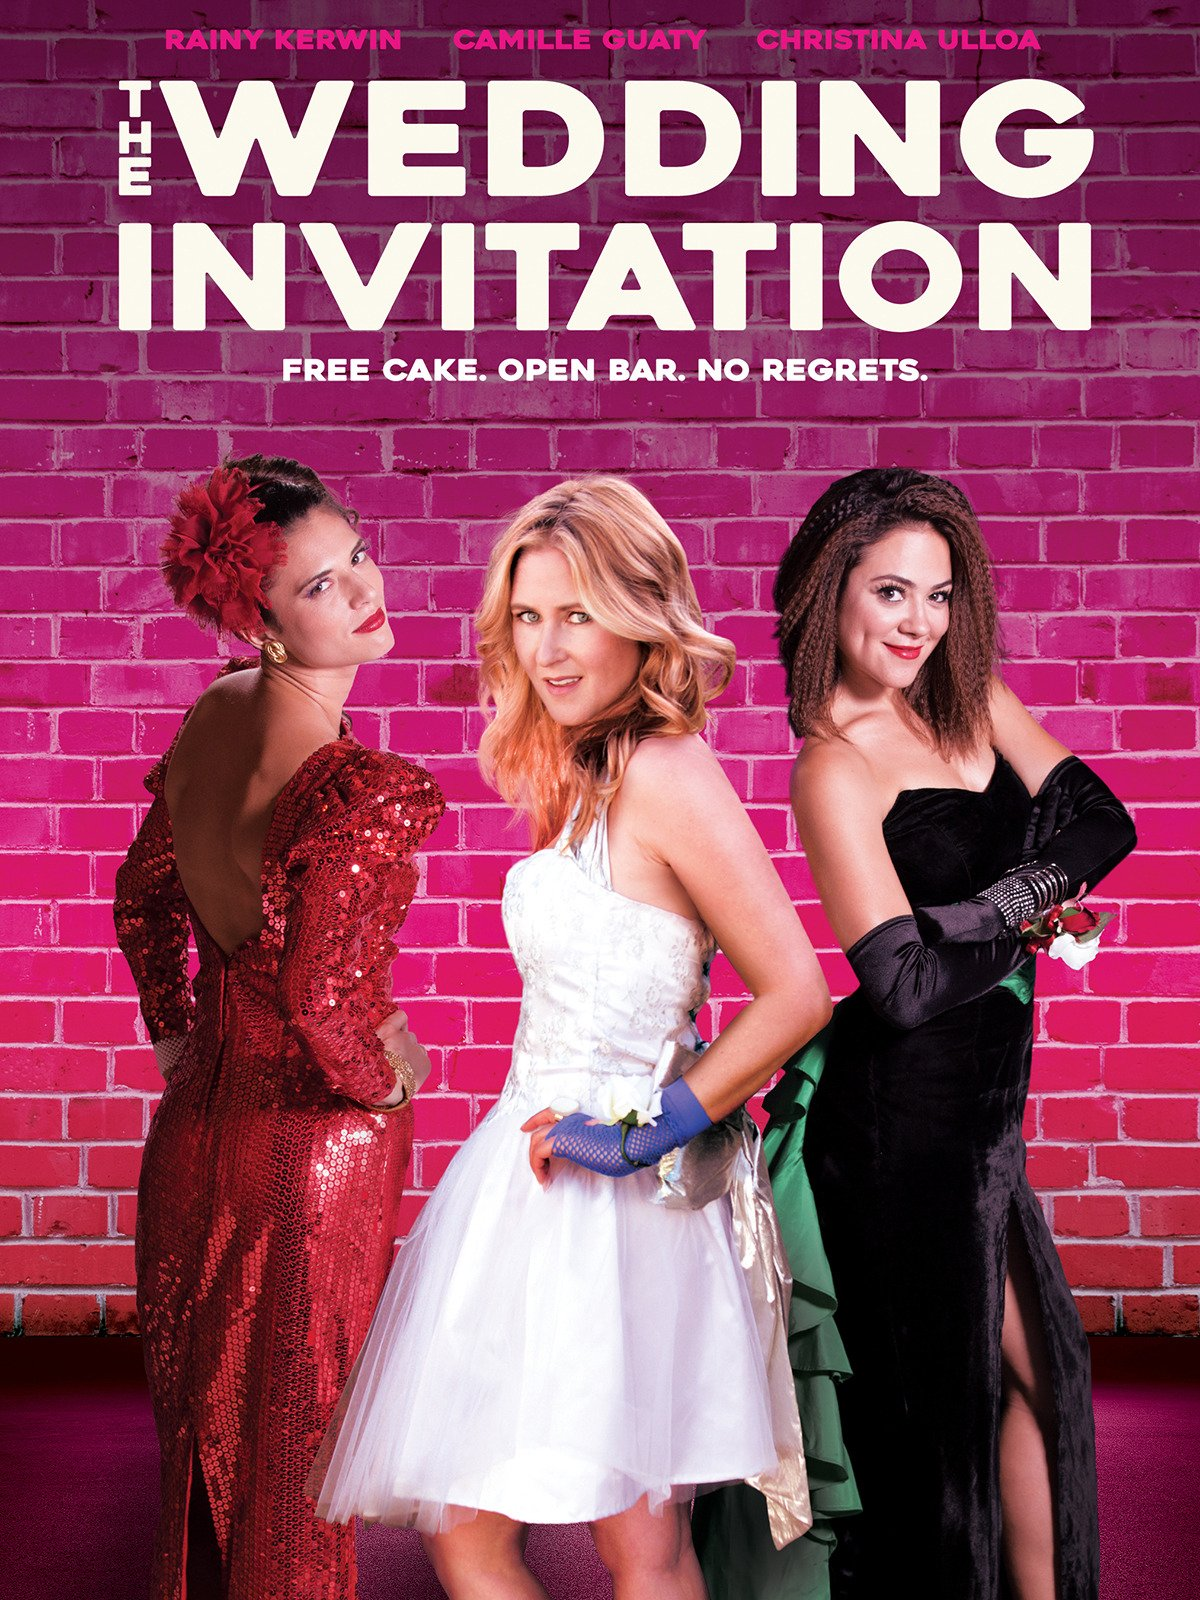 Amazon.com: The Wedding Invitation: Rainy Kerwin, Camille Guaty ...